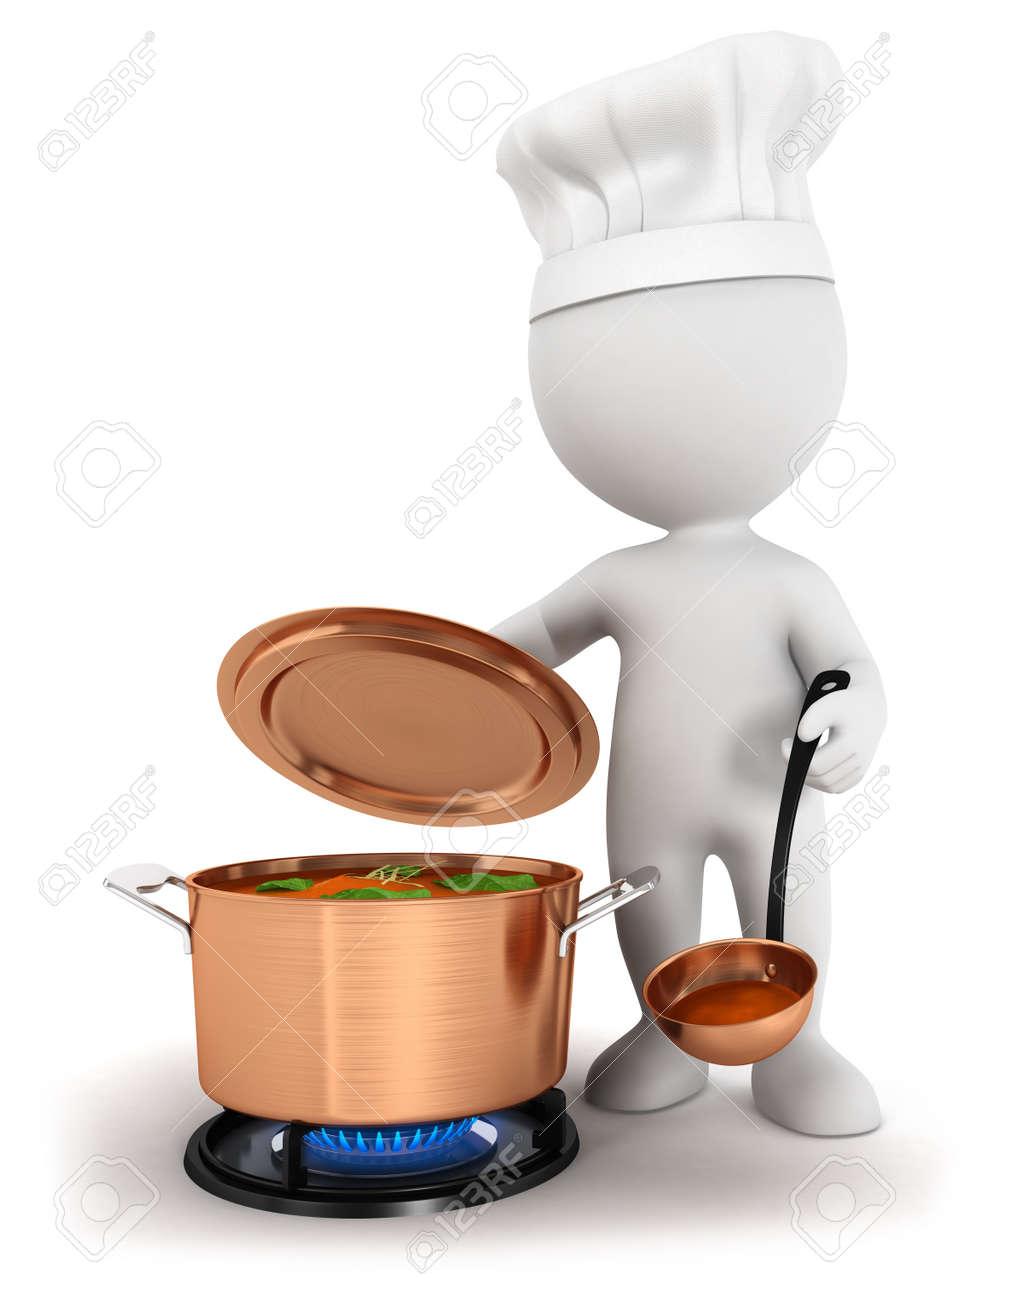 d la gente blanca sopa de cocinar en una cacerola de cobre fondo blanco